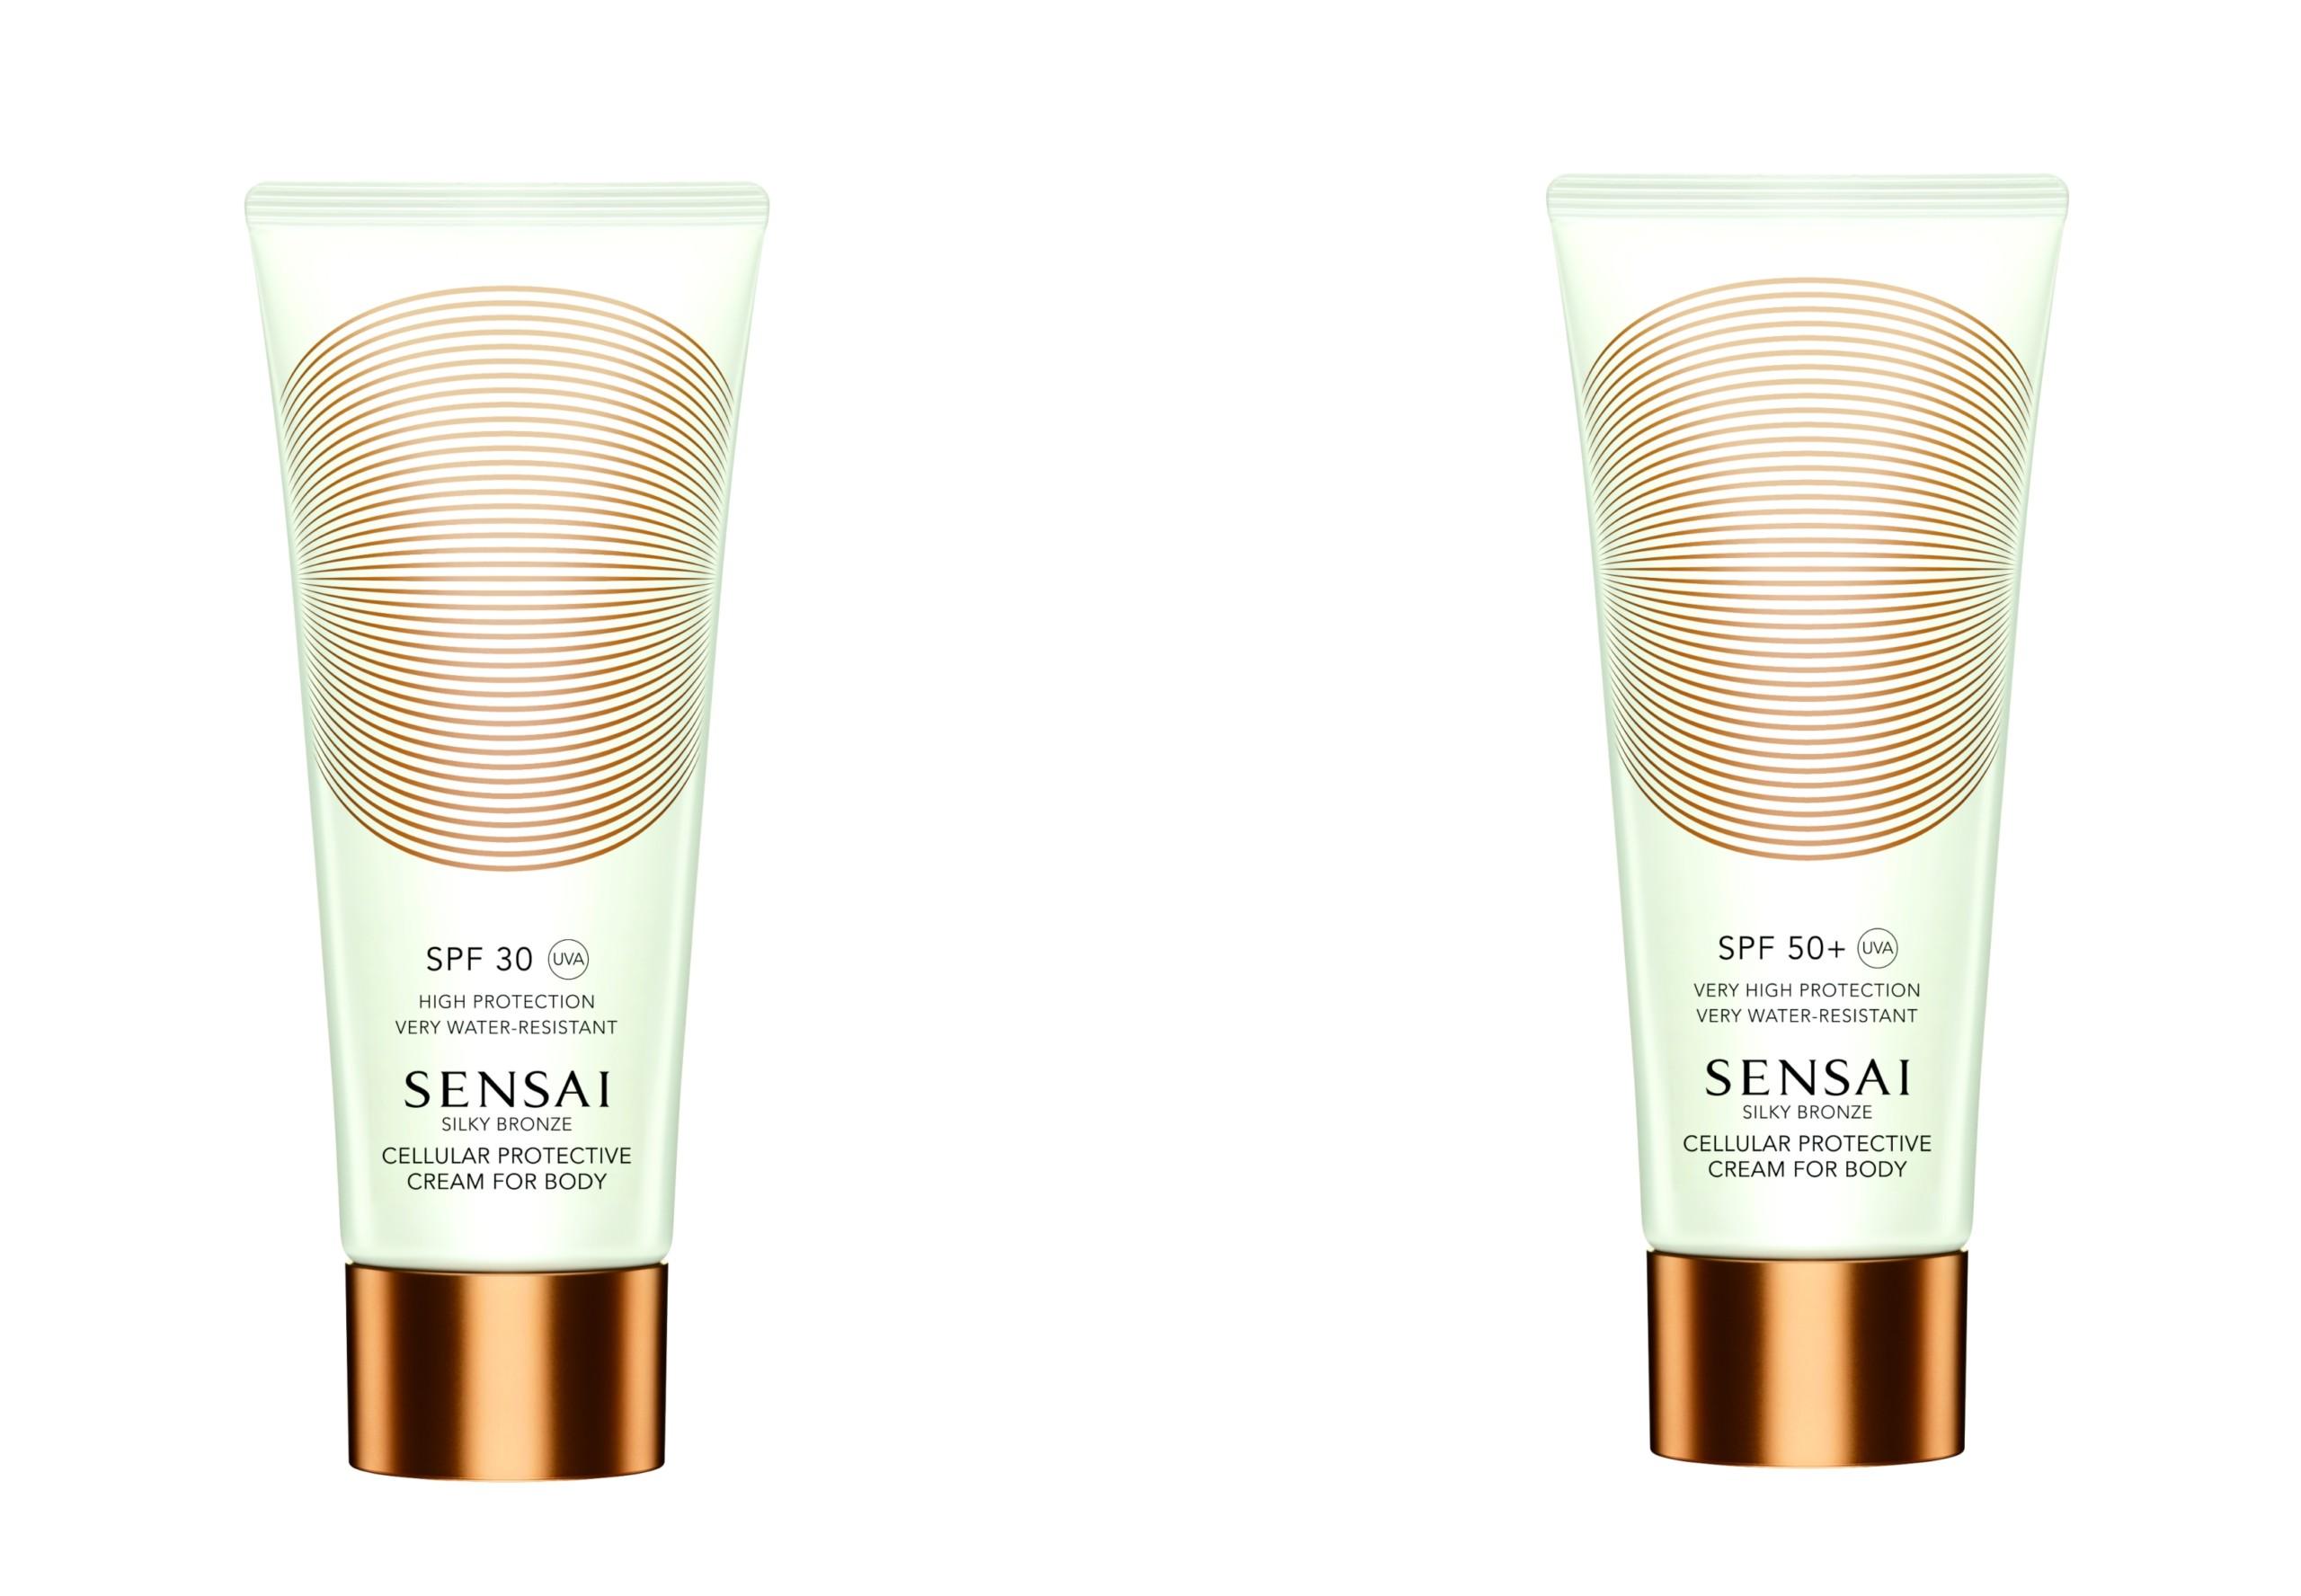 Sensai Cellular Protective Cream For Body